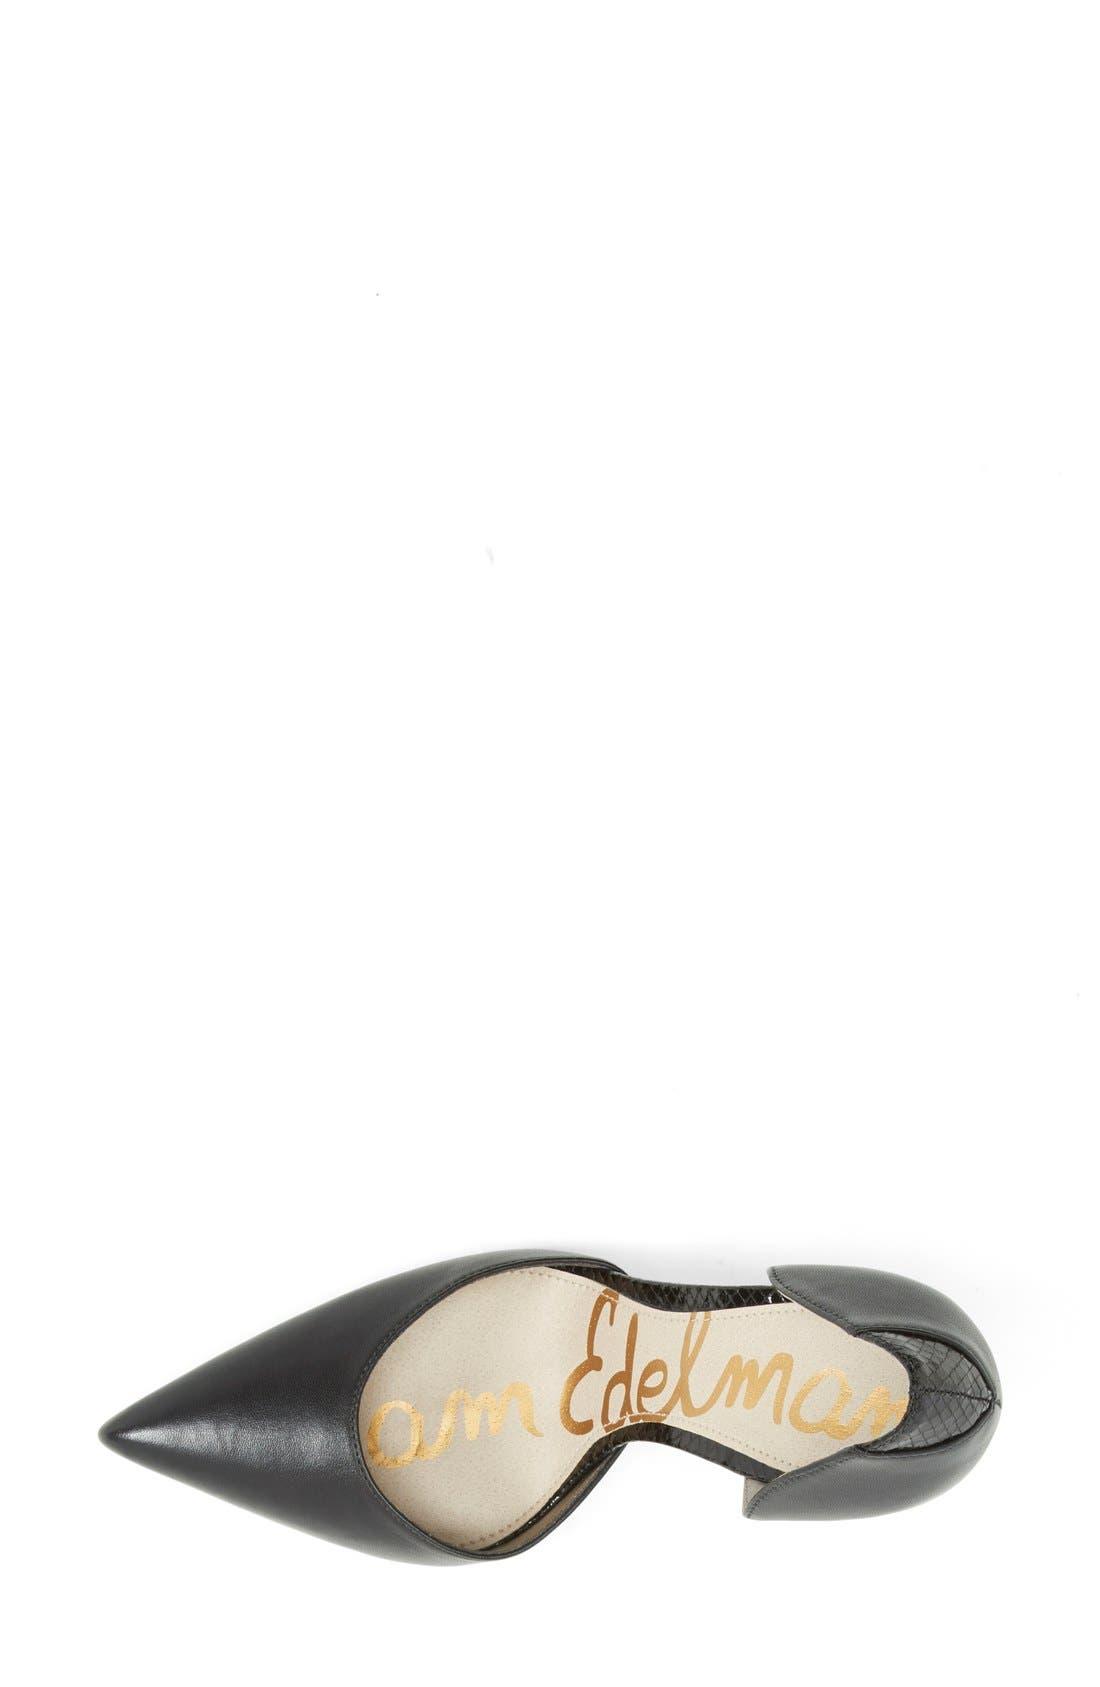 Alternate Image 3  - Sam Edelman 'Delilah' d'Orsay Pump (Women)